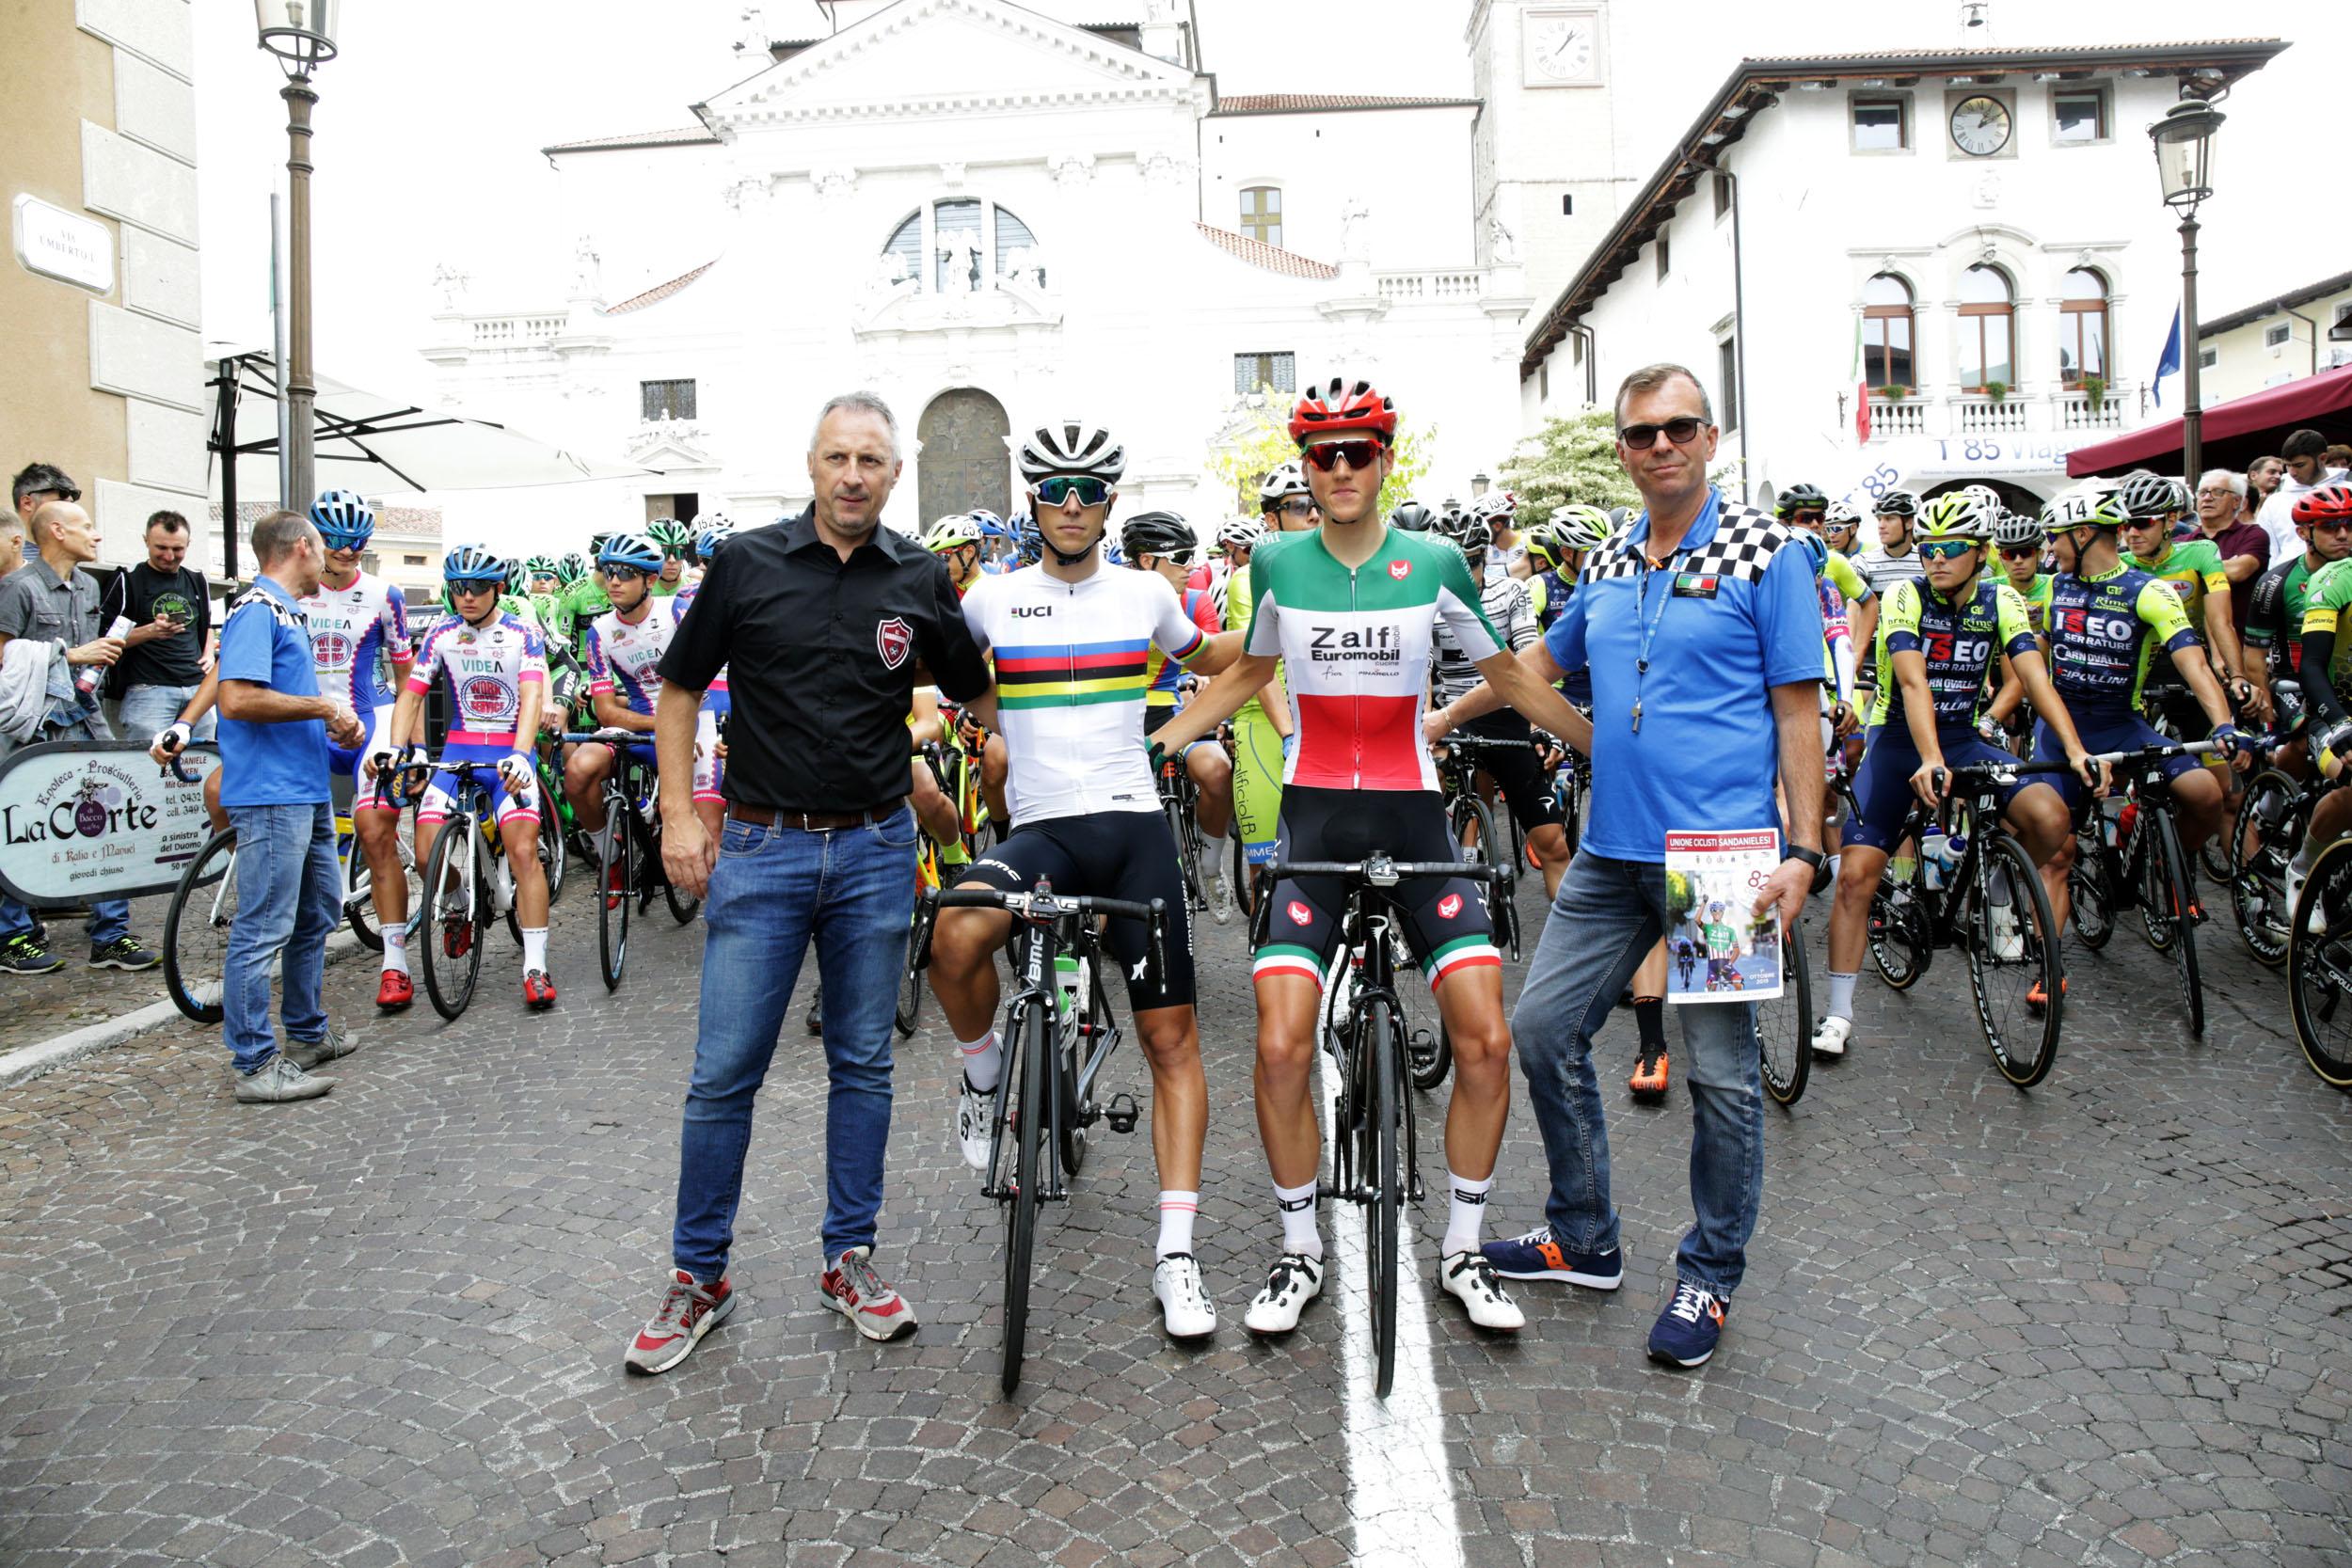 Bortoluzzi Luca e De Monte Mauro dell'U.C. Sandanielesi